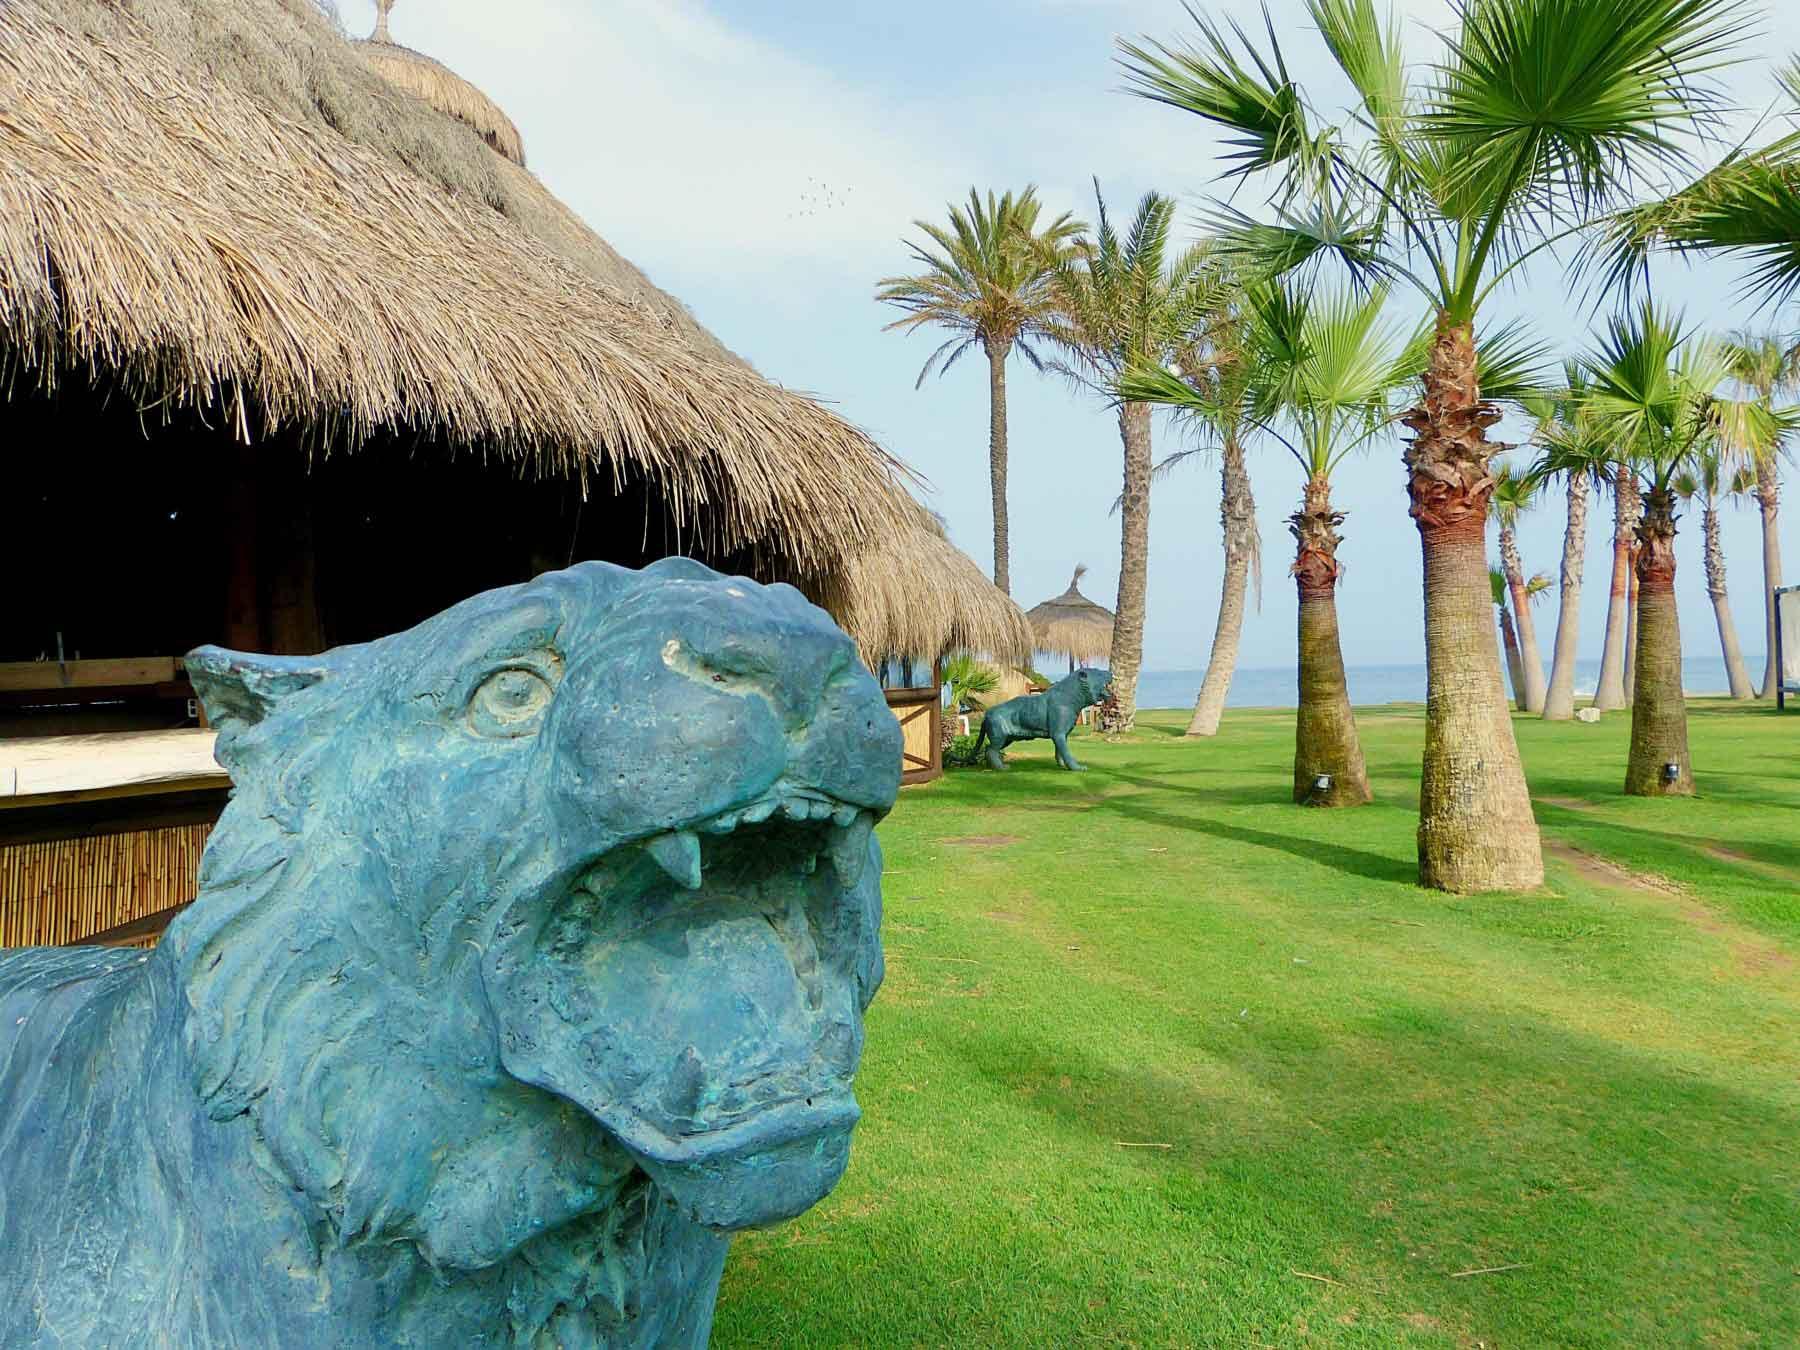 Escultura de león